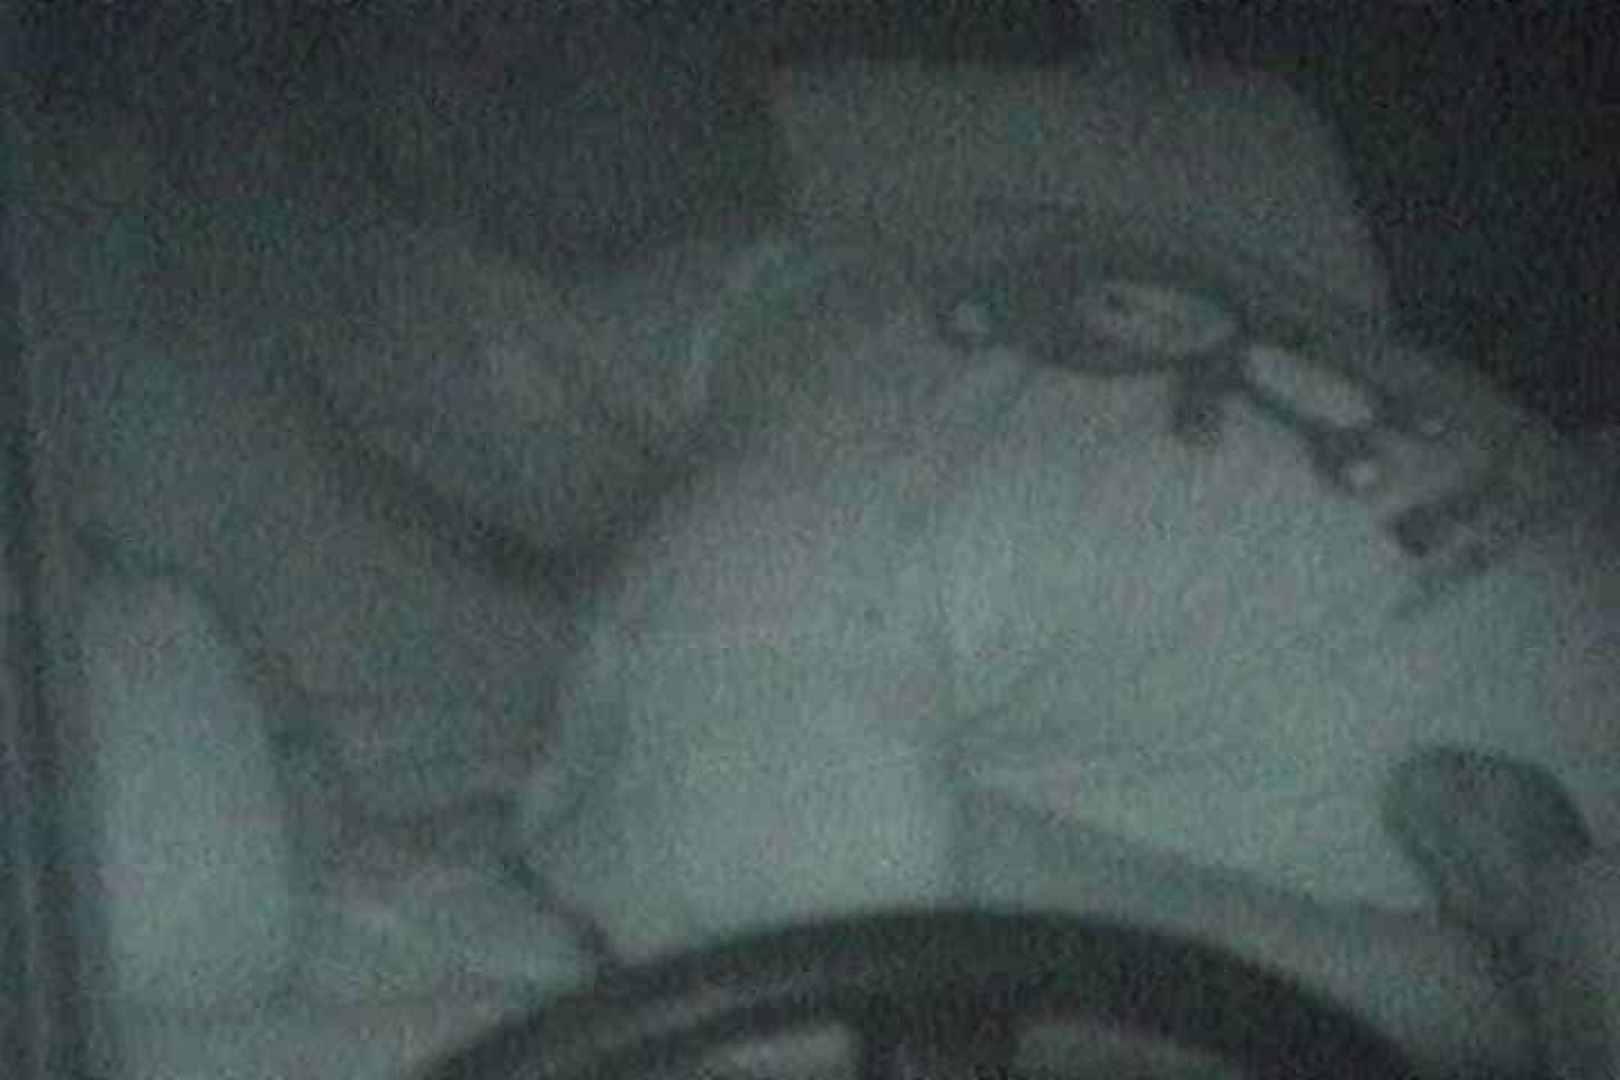 充血監督の深夜の運動会Vol.148 エロティックなOL | 車の中のカップル  88画像 31